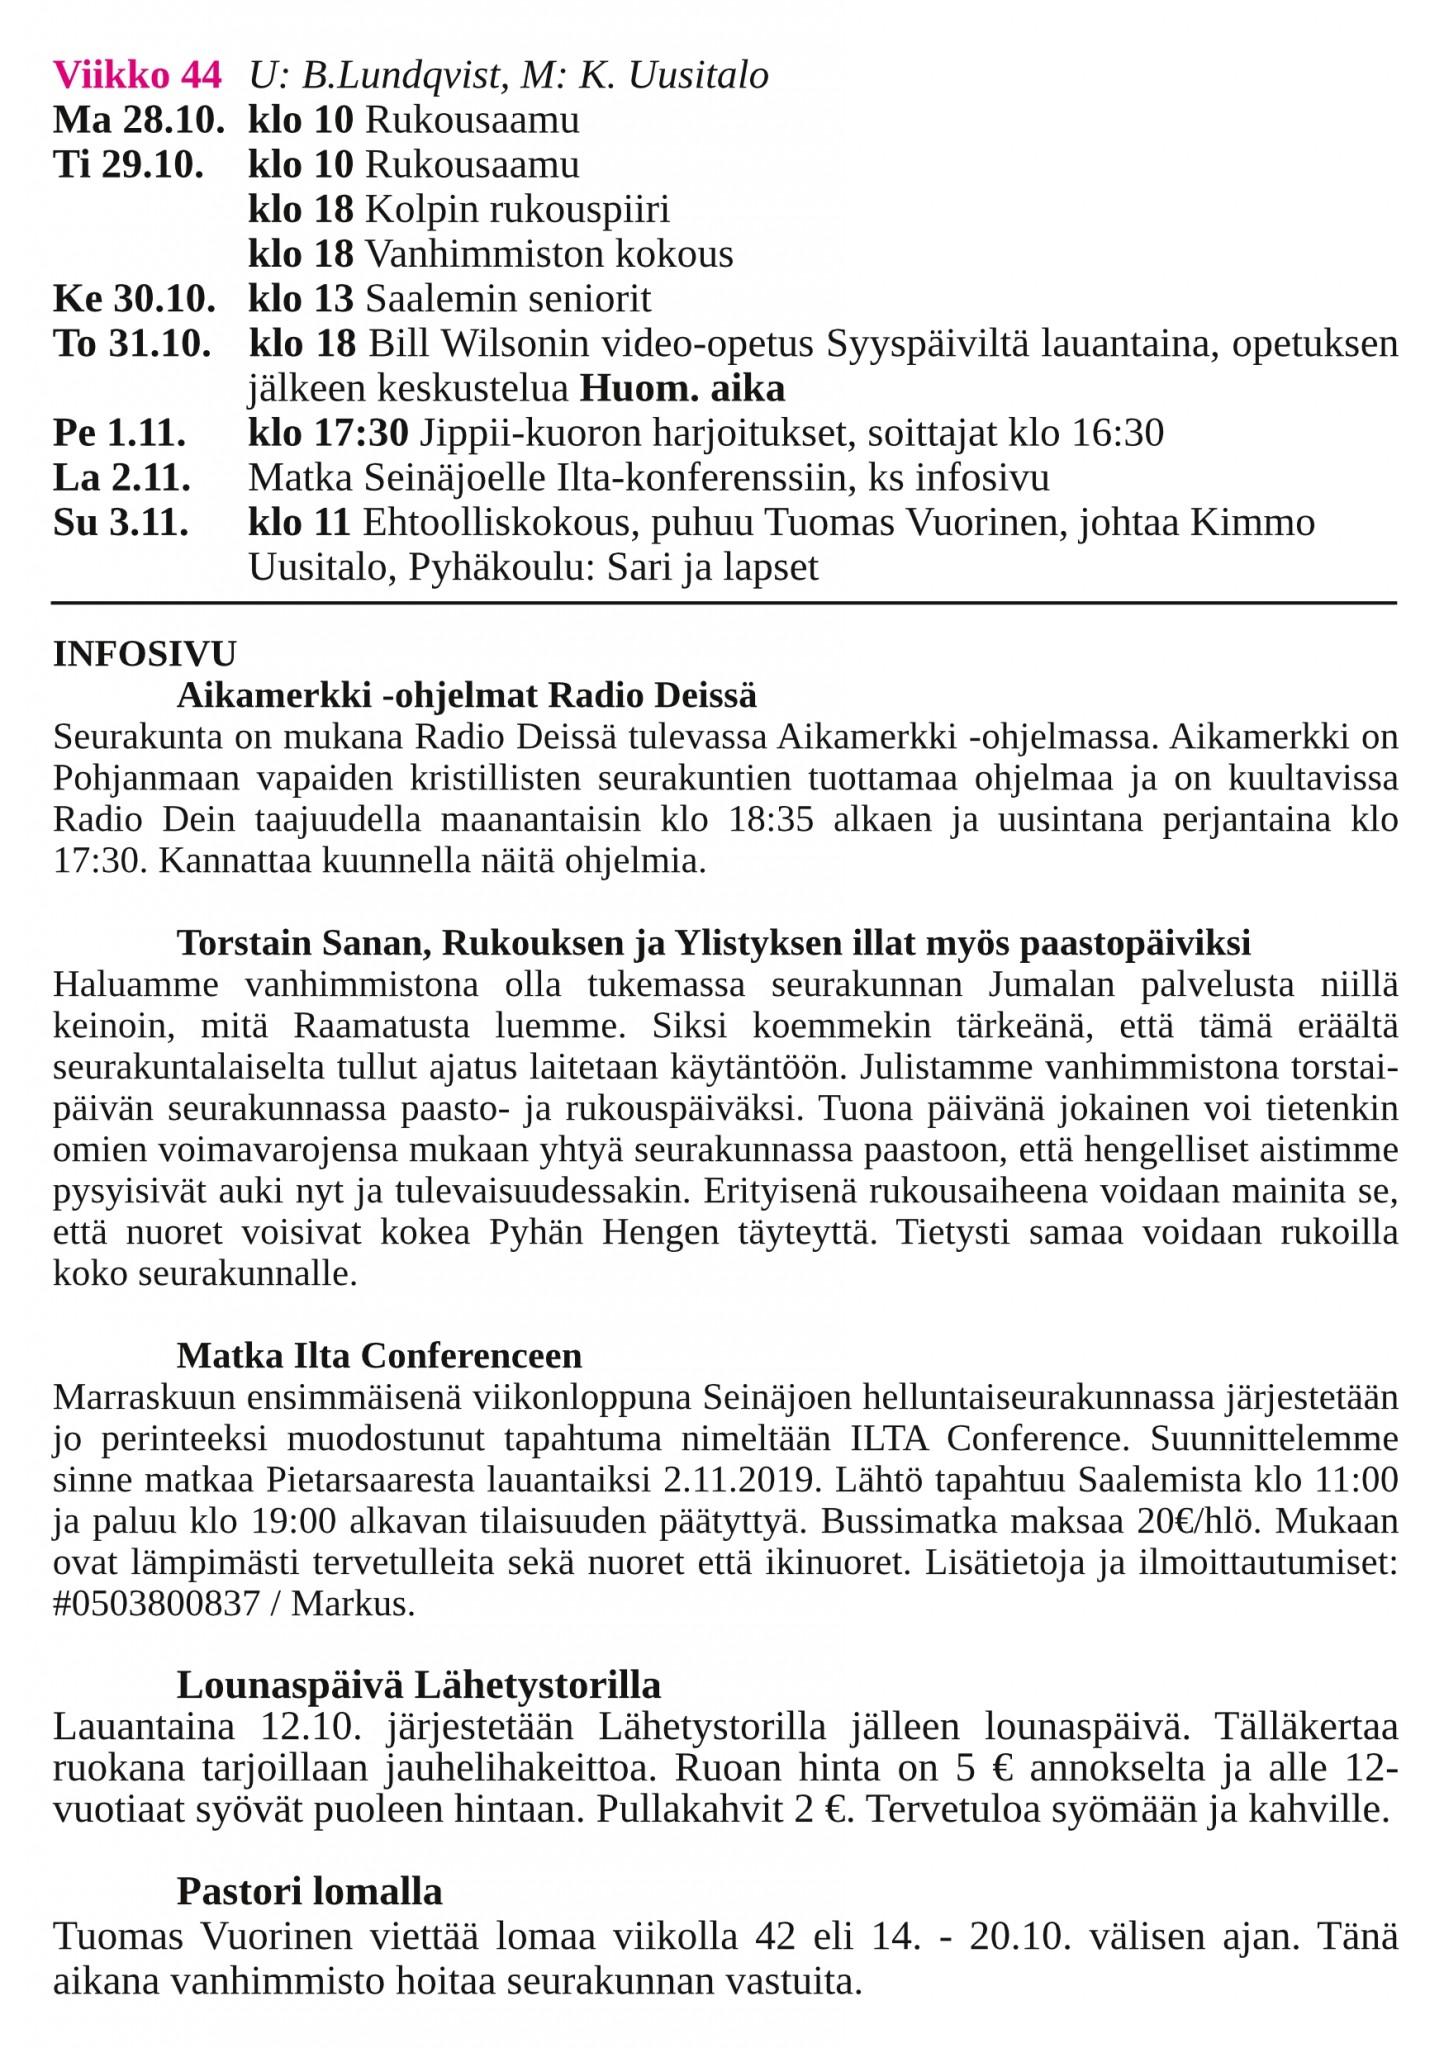 KK_tiedote201910-sivu003